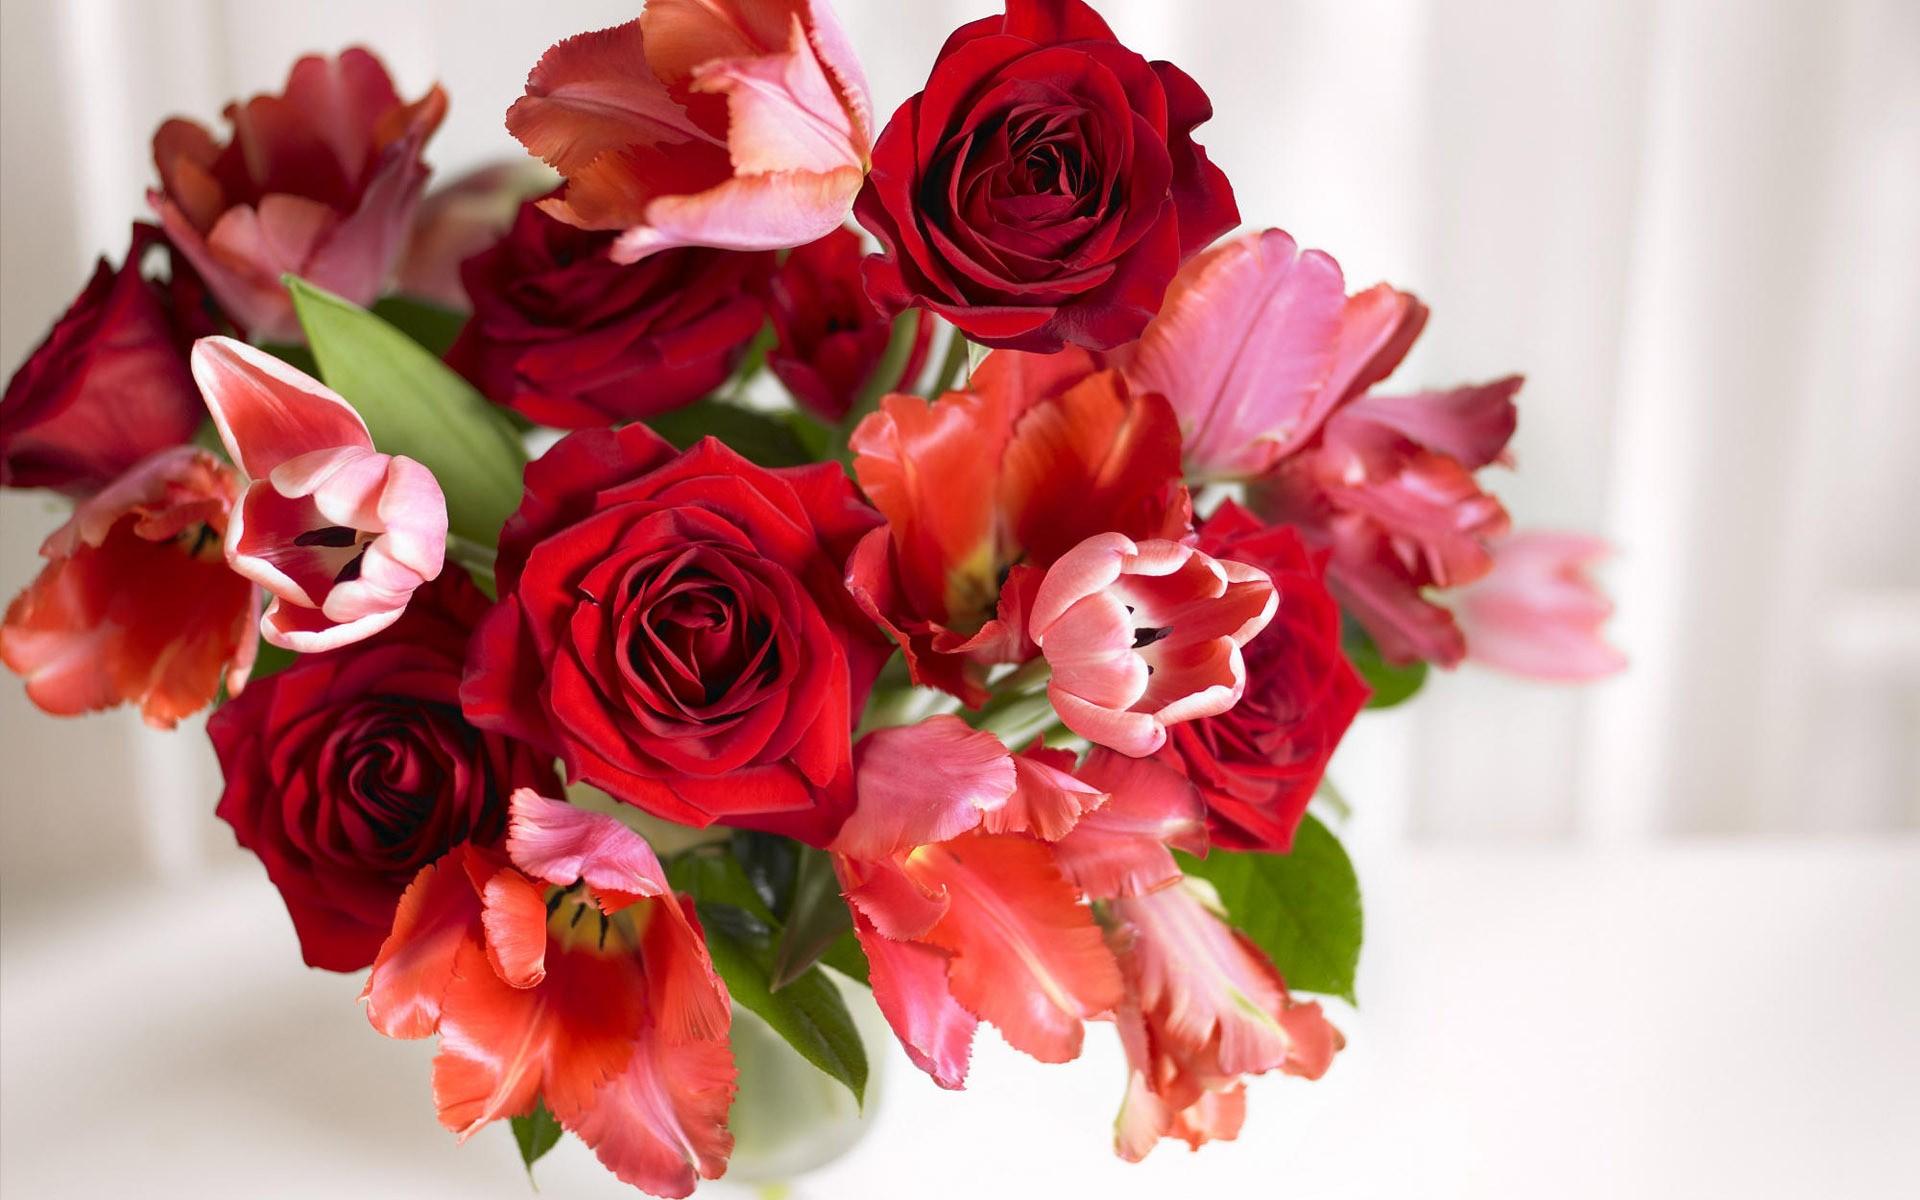 بالصور صور اجمل الورود , صورة احلى الورود فى العالم 5136 4